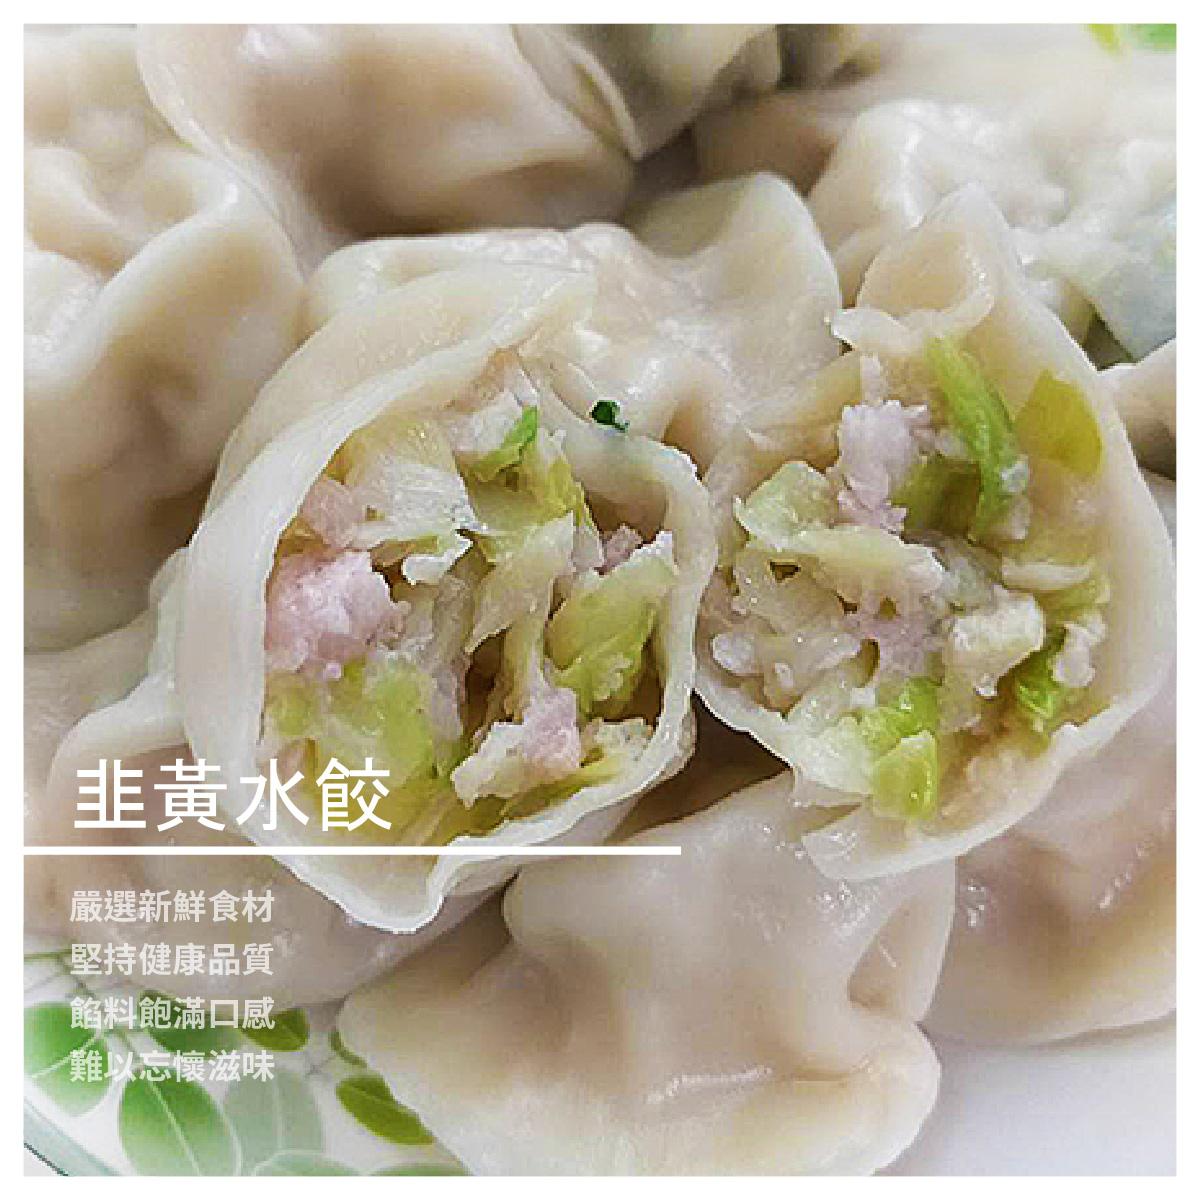 【郭記健康手工水餃】韭黃水餃/1250g/50顆/包